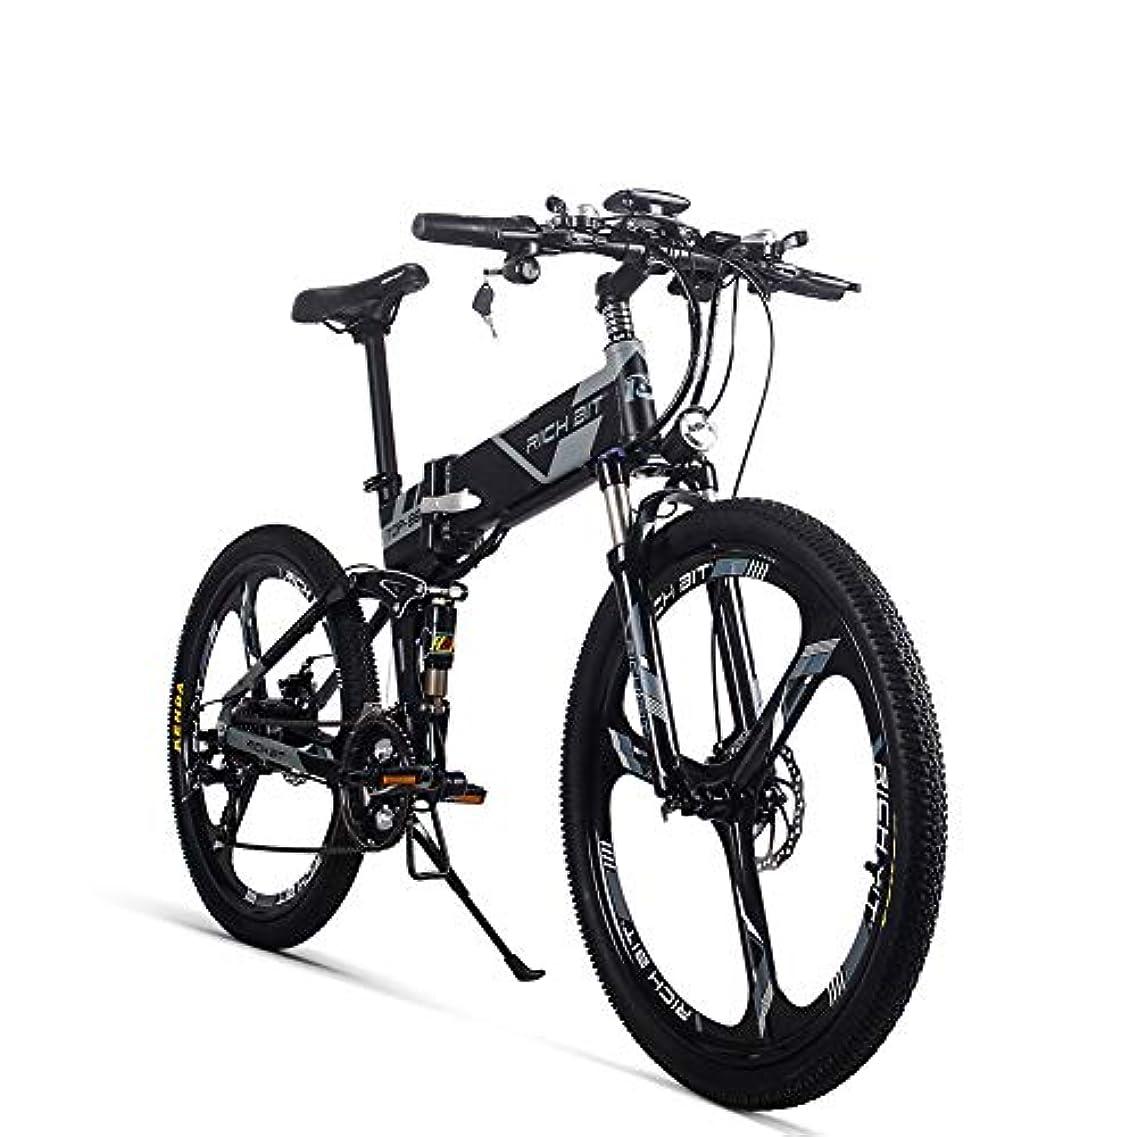 ホイットニー熱狂的なキャリアアシストストリートバイク自転車 RT860 36V* 12.8Ah 26インチ ダブルディスク式ブレーキ PAS動力航続システム 公道走行可能 通勤通学用 専用充電器付き 説明書付き 新品発売